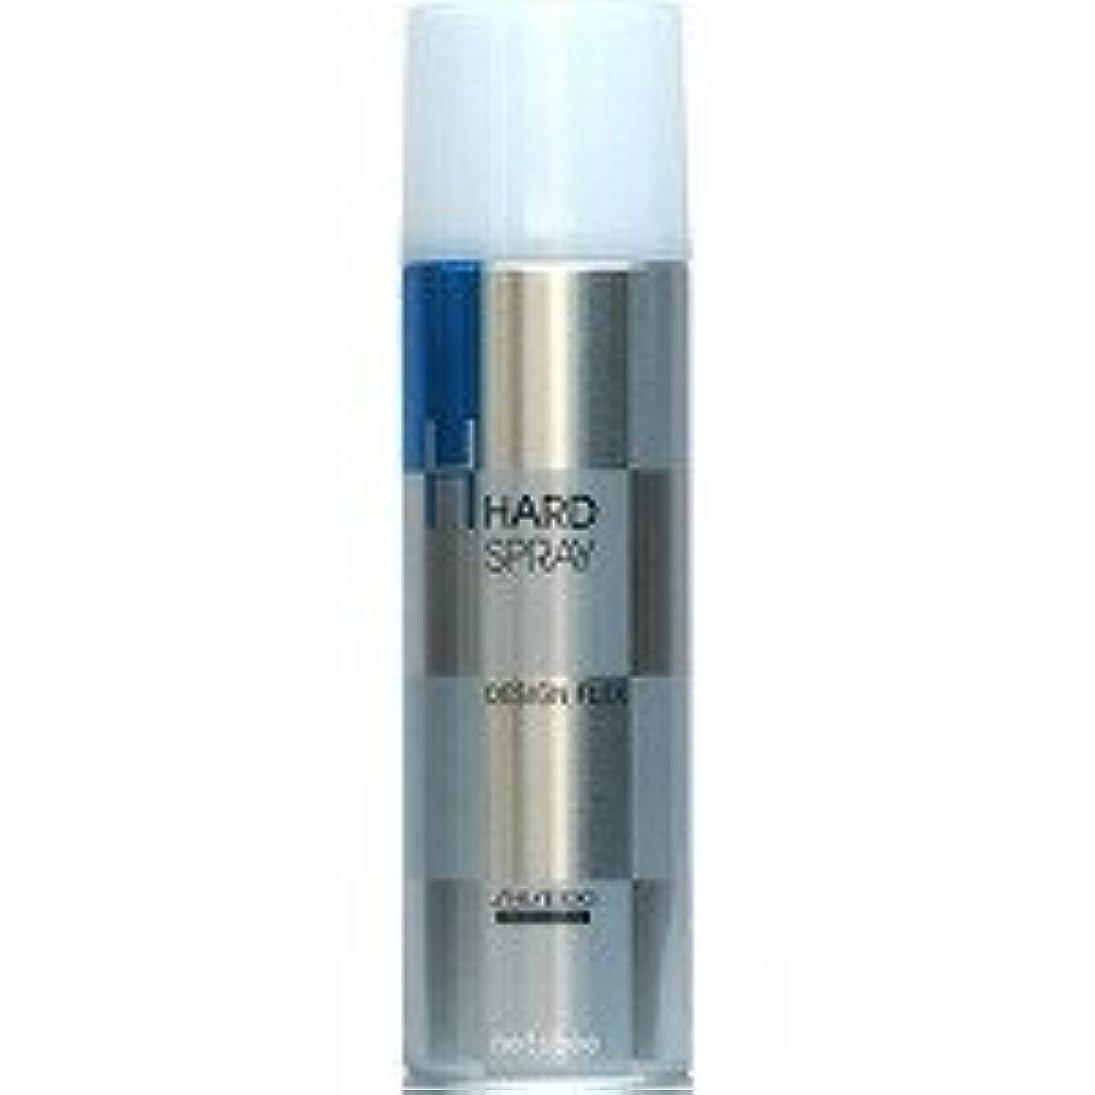 流行しているよく話される不満【X3個セット】 資生堂プロフェッショナル デザインフレックス ハードスプレー 260g shiseido PROFESSIONAL